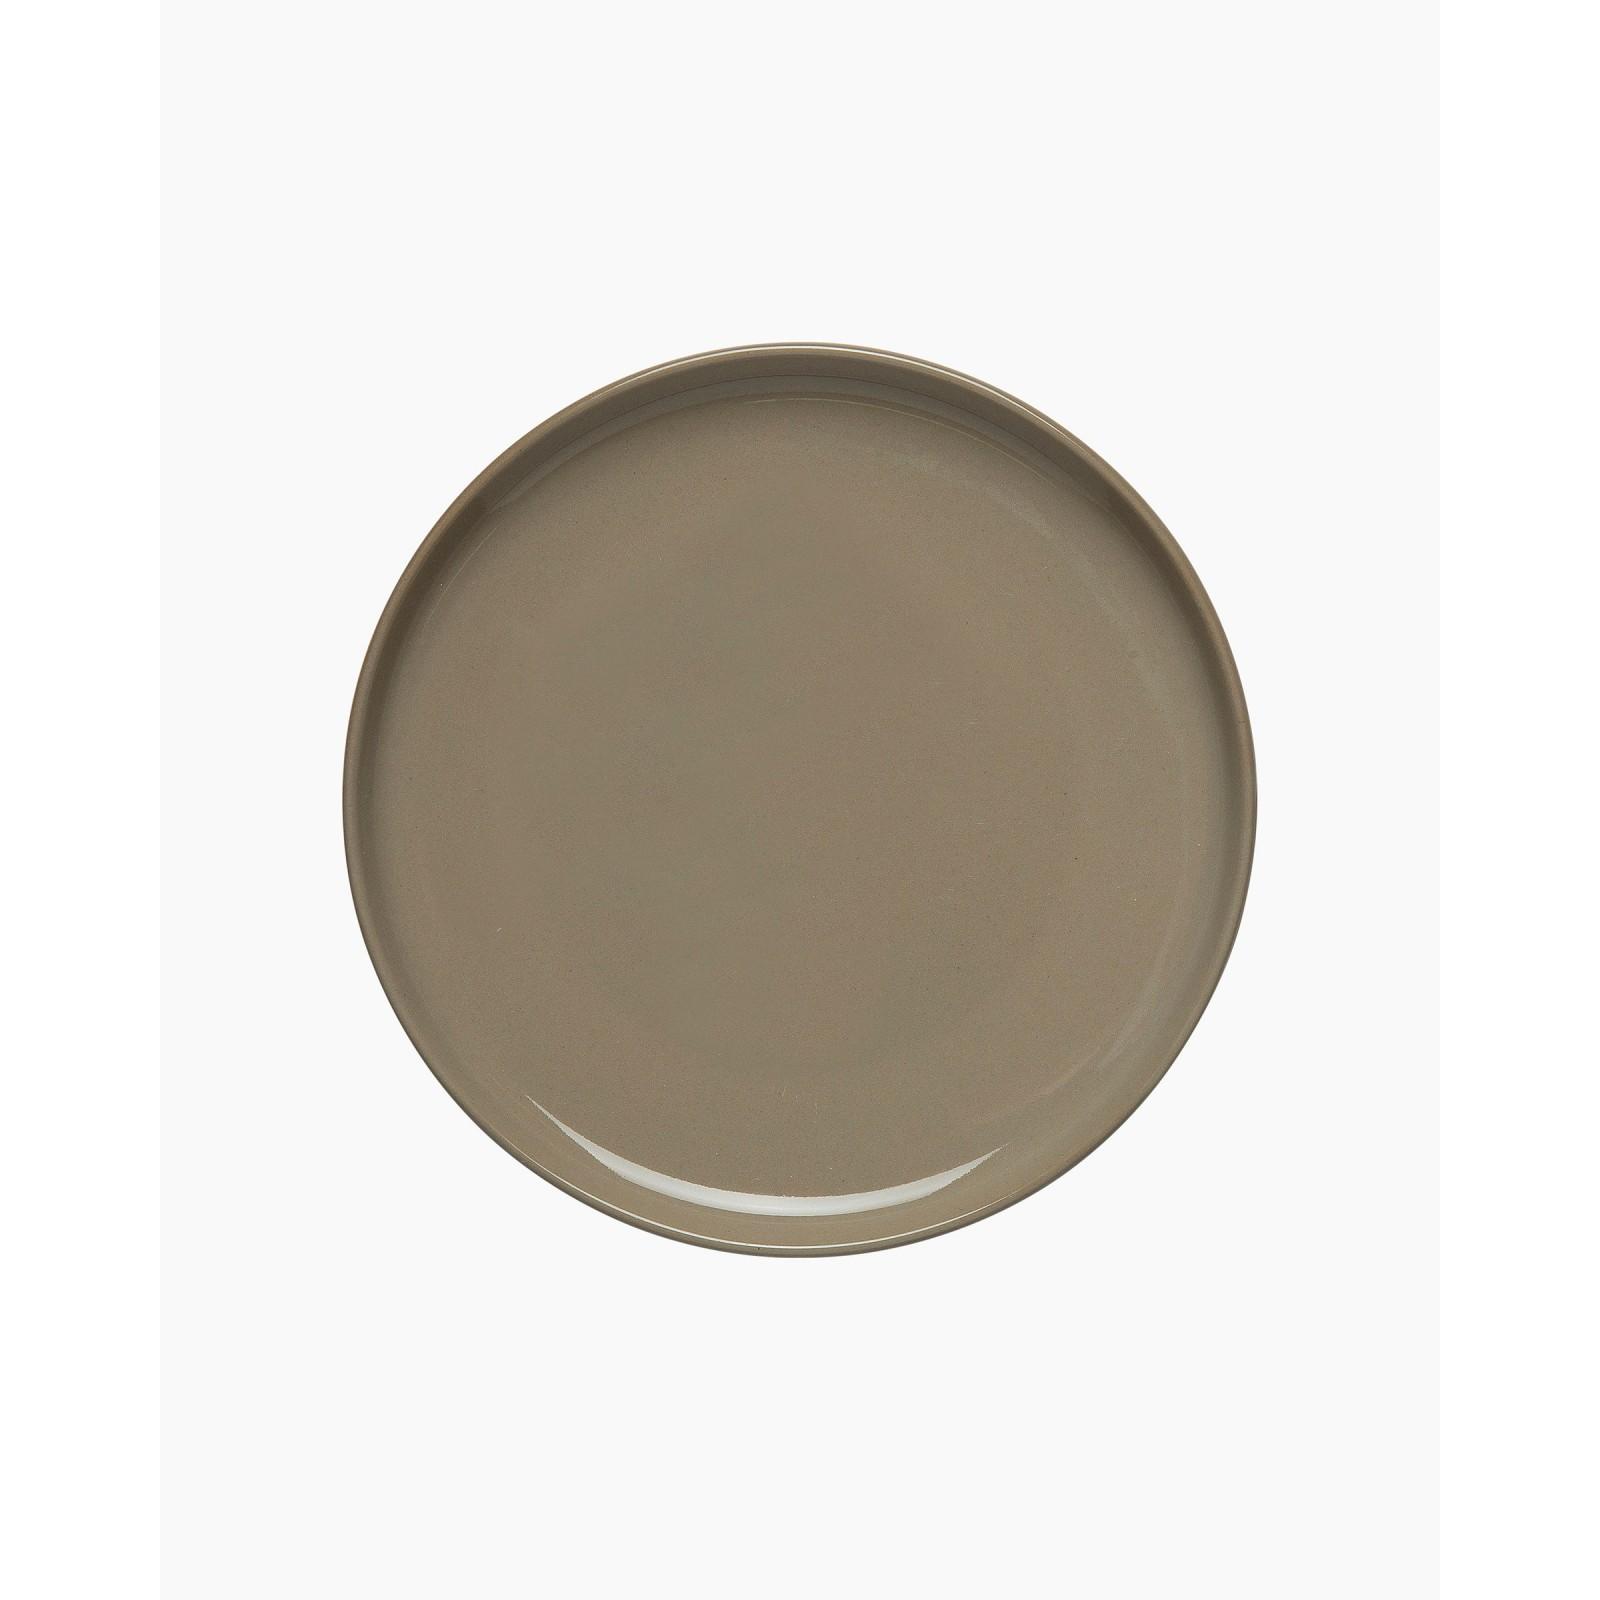 Oiva plate 13,5 cm terra/black